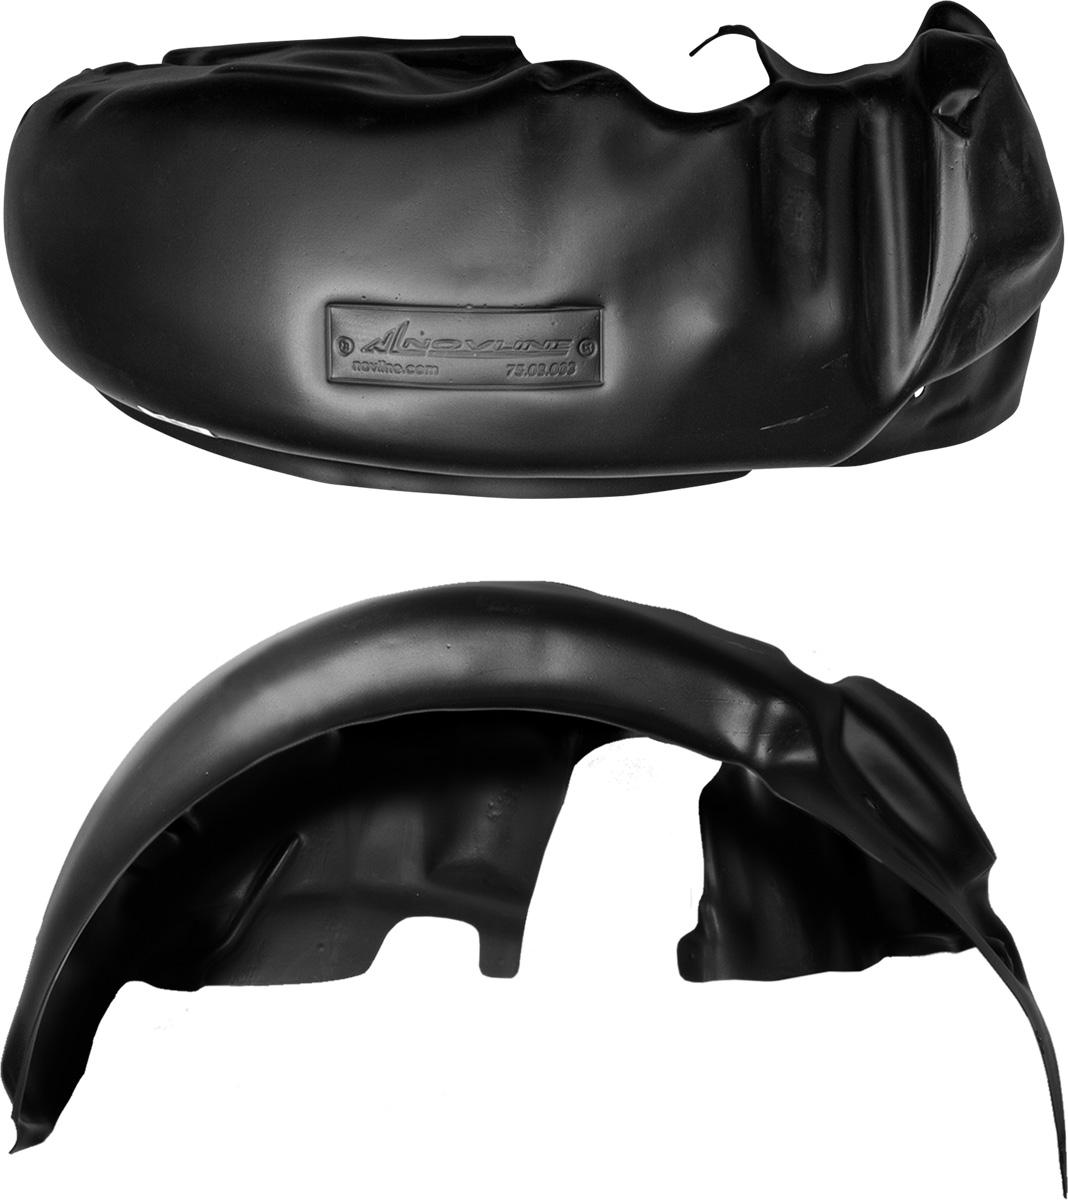 Подкрылок Novline-Autofamily, для Great Wall Hover H3/H5, 2010->, задний левыйNLL.59.10.003Колесные ниши - одни из самых уязвимых зон днища вашего автомобиля. Они постоянно подвергаются воздействию со стороны дороги. Лучшая, почти абсолютная защита для них - специально отформованные пластиковые кожухи, которые называются подкрылками. Производятся они как для отечественных моделей автомобилей, так и для иномарок. Подкрылки Novline-Autofamily выполнены из высококачественного, экологически чистого пластика. Обеспечивают надежную защиту кузова автомобиля от пескоструйного эффекта и негативного влияния, агрессивных антигололедных реагентов. Пластик обладает более низкой теплопроводностью, чем металл, поэтому в зимний период эксплуатации использование пластиковых подкрылков позволяет лучше защитить колесные ниши от налипания снега и образования наледи. Оригинальность конструкции подчеркивает элегантность автомобиля, бережно защищает нанесенное на днище кузова антикоррозийное покрытие и позволяет осуществить крепление подкрылков внутри колесной арки практически без...